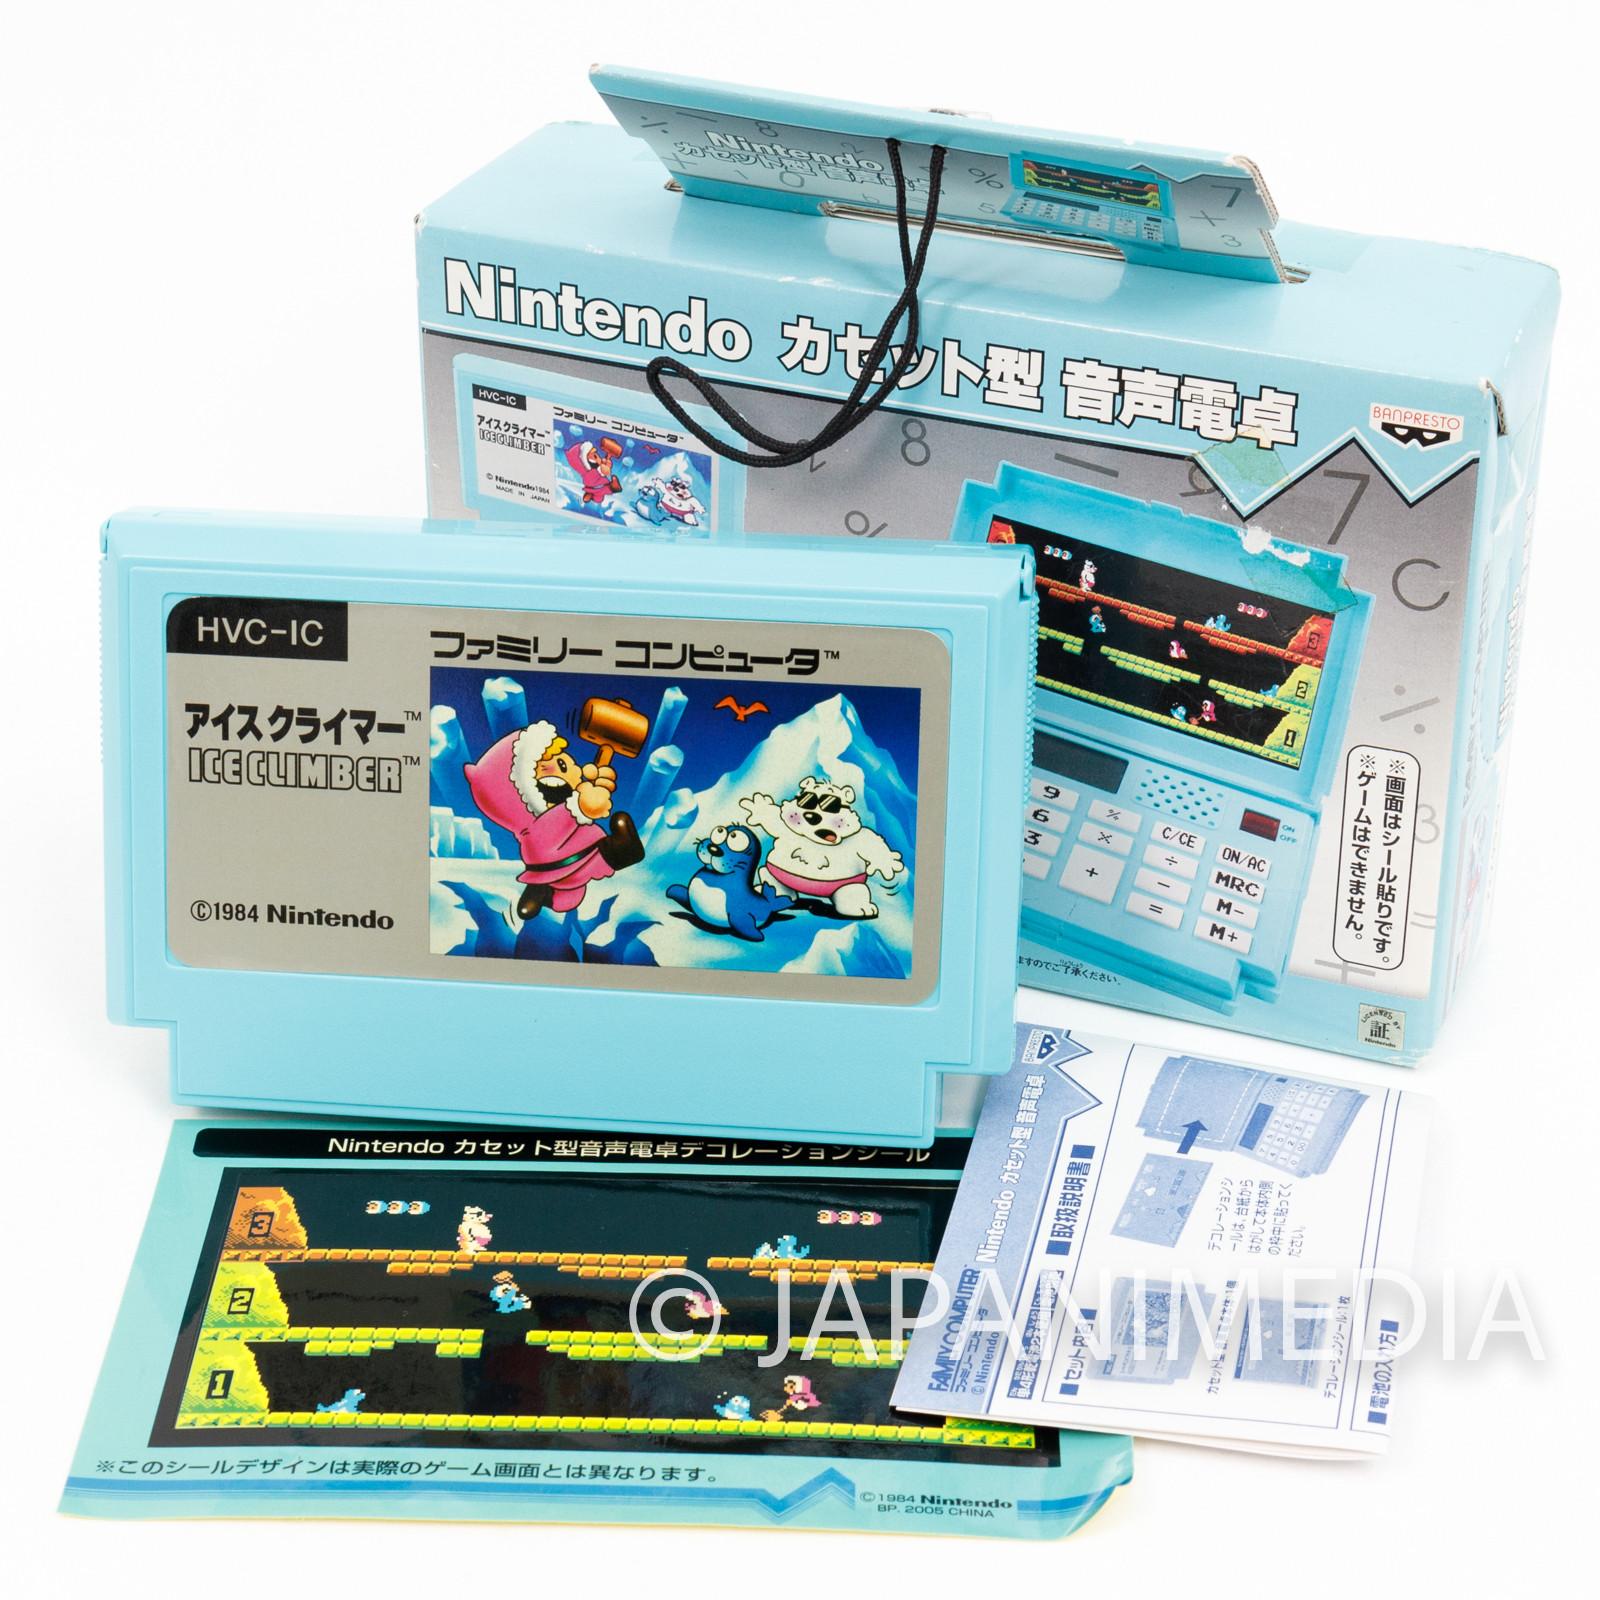 Nintendo NES Famicom Type Sound Calculator Ice Climber JAPAN GAME